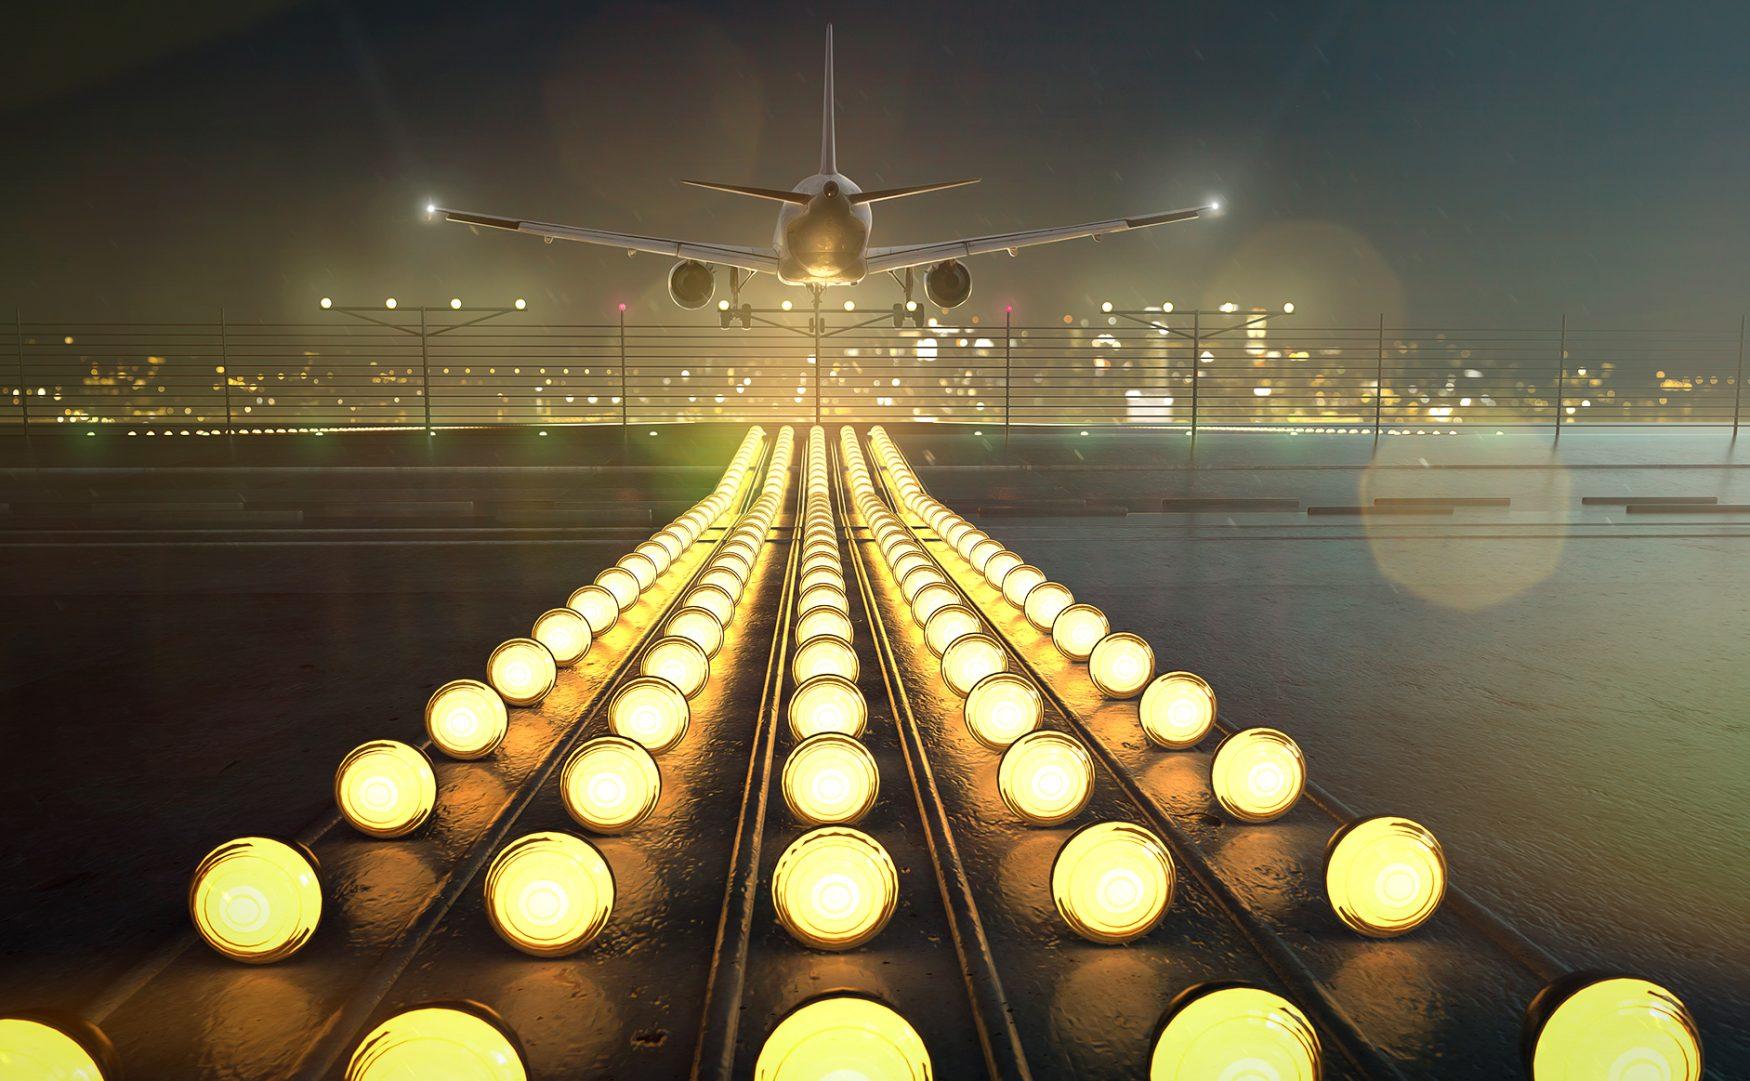 airport Runway at night